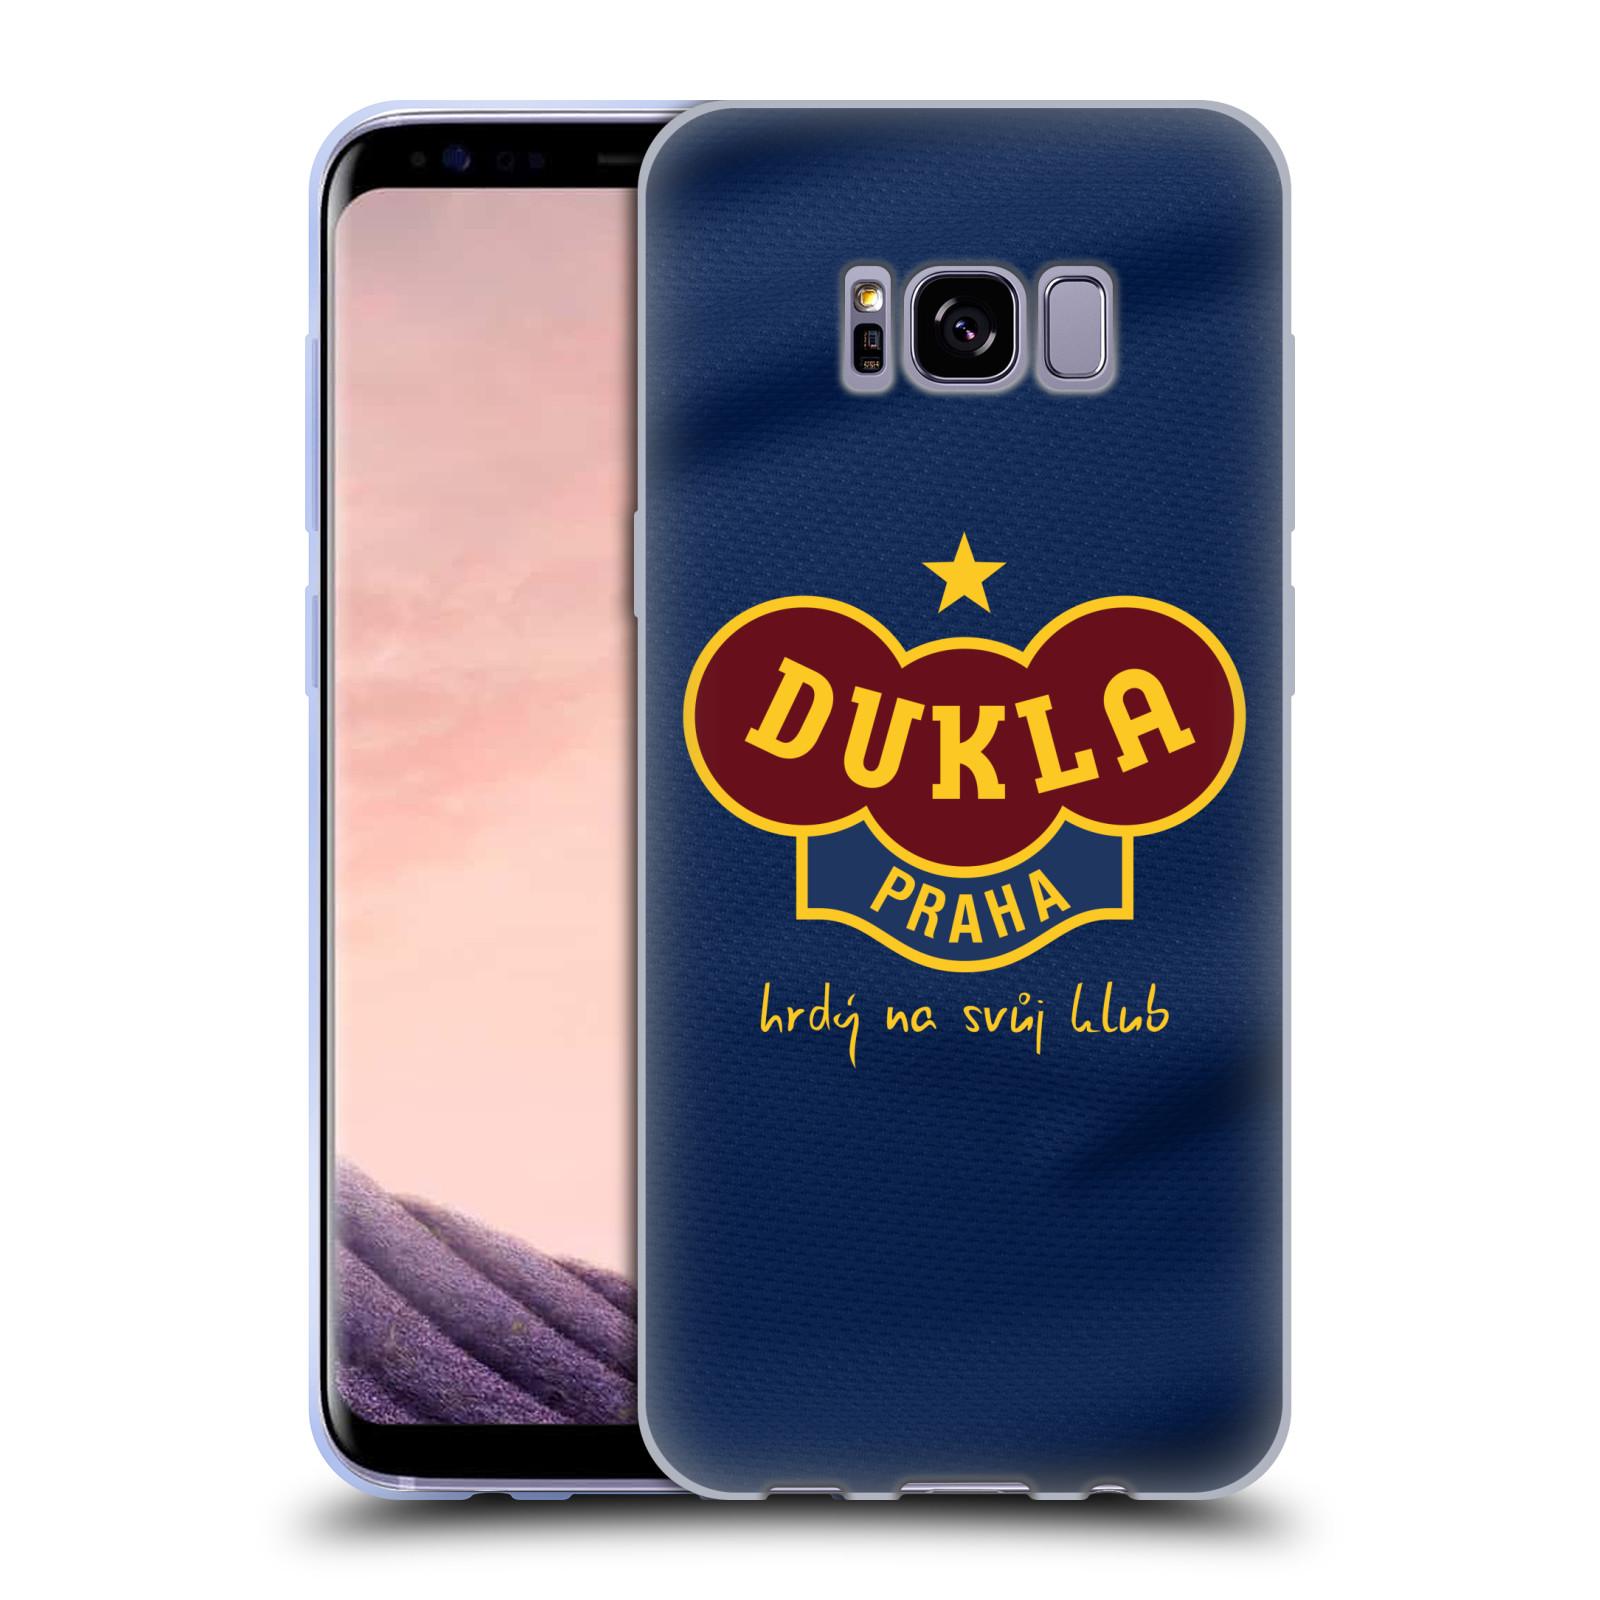 Silikonové pouzdro na mobil Samsung Galaxy S8+ (Plus) - FK Dukla Praha - Modrý dres